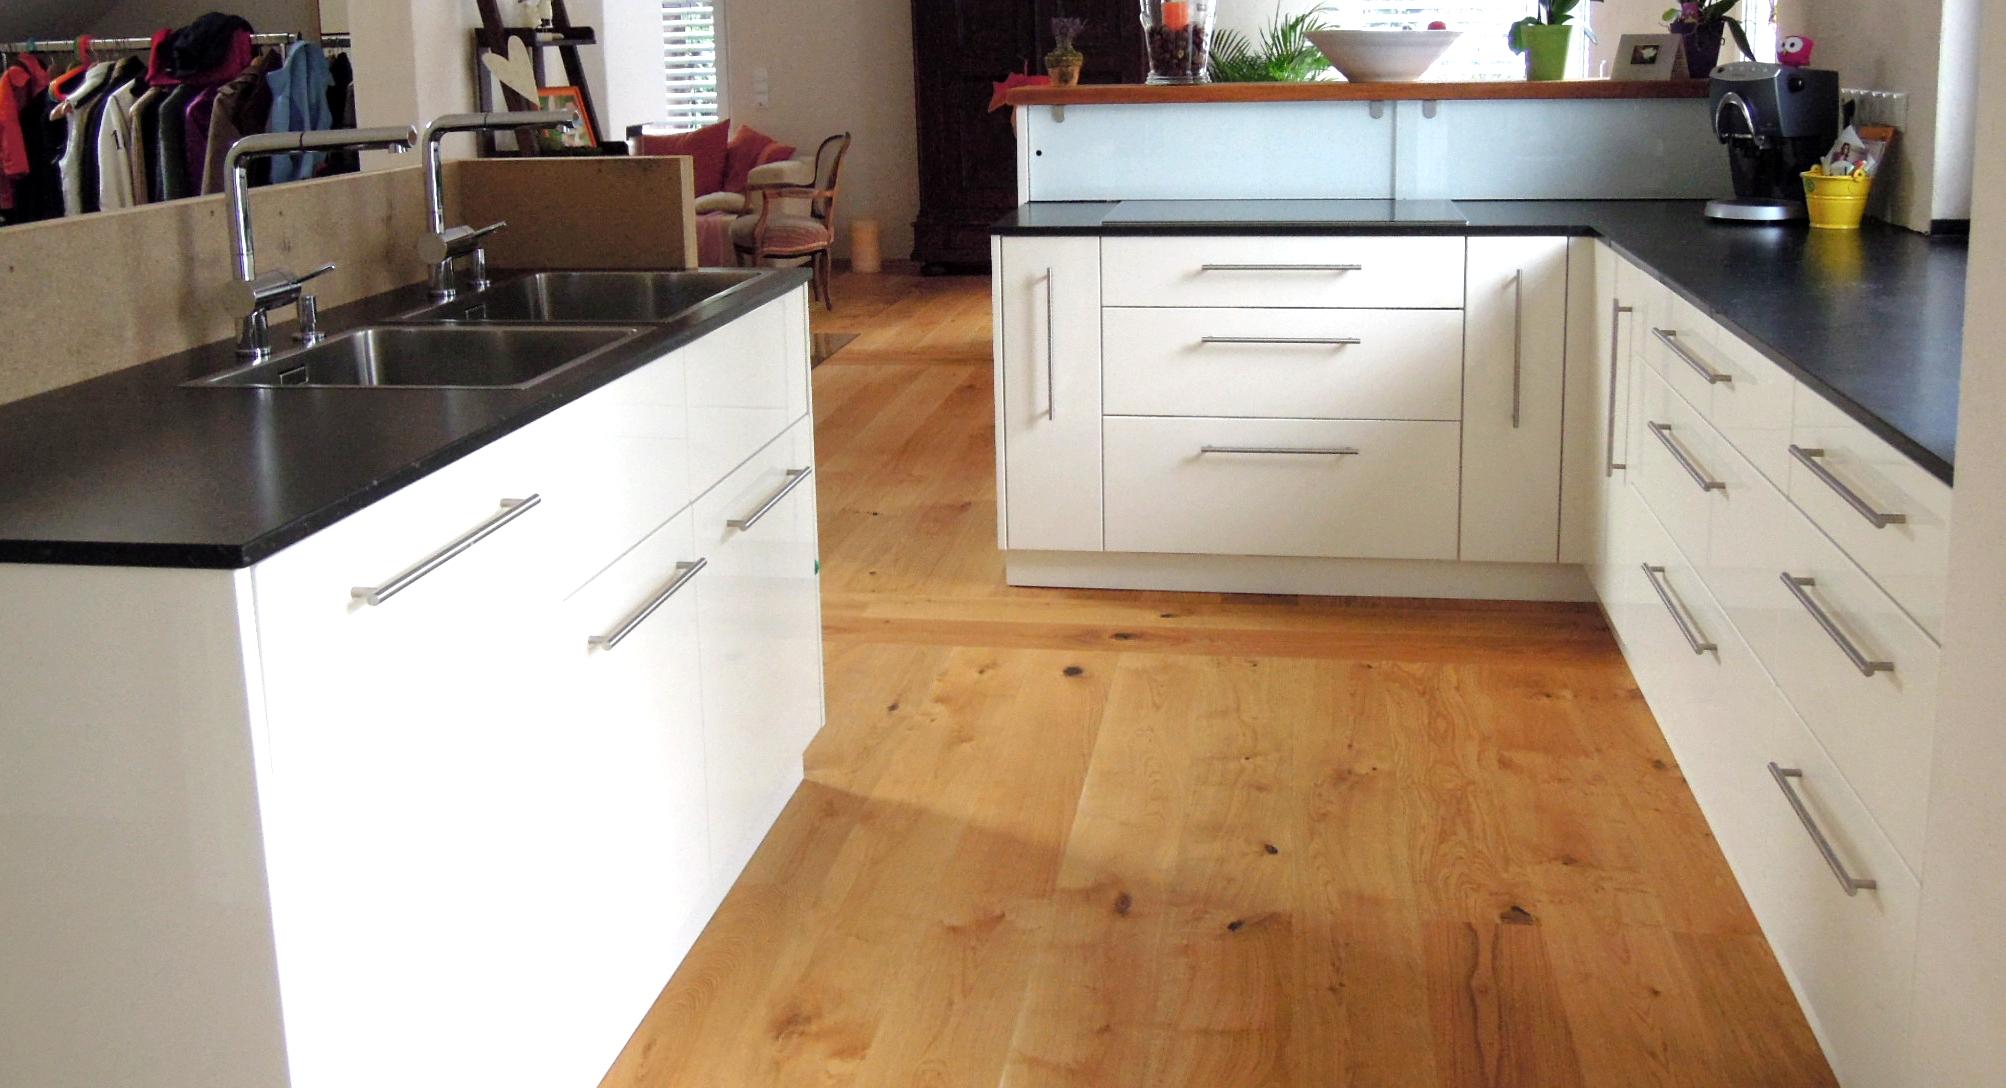 wohnen kochen leben offene wohnk chen als mittelpunkt der wohnung. Black Bedroom Furniture Sets. Home Design Ideas